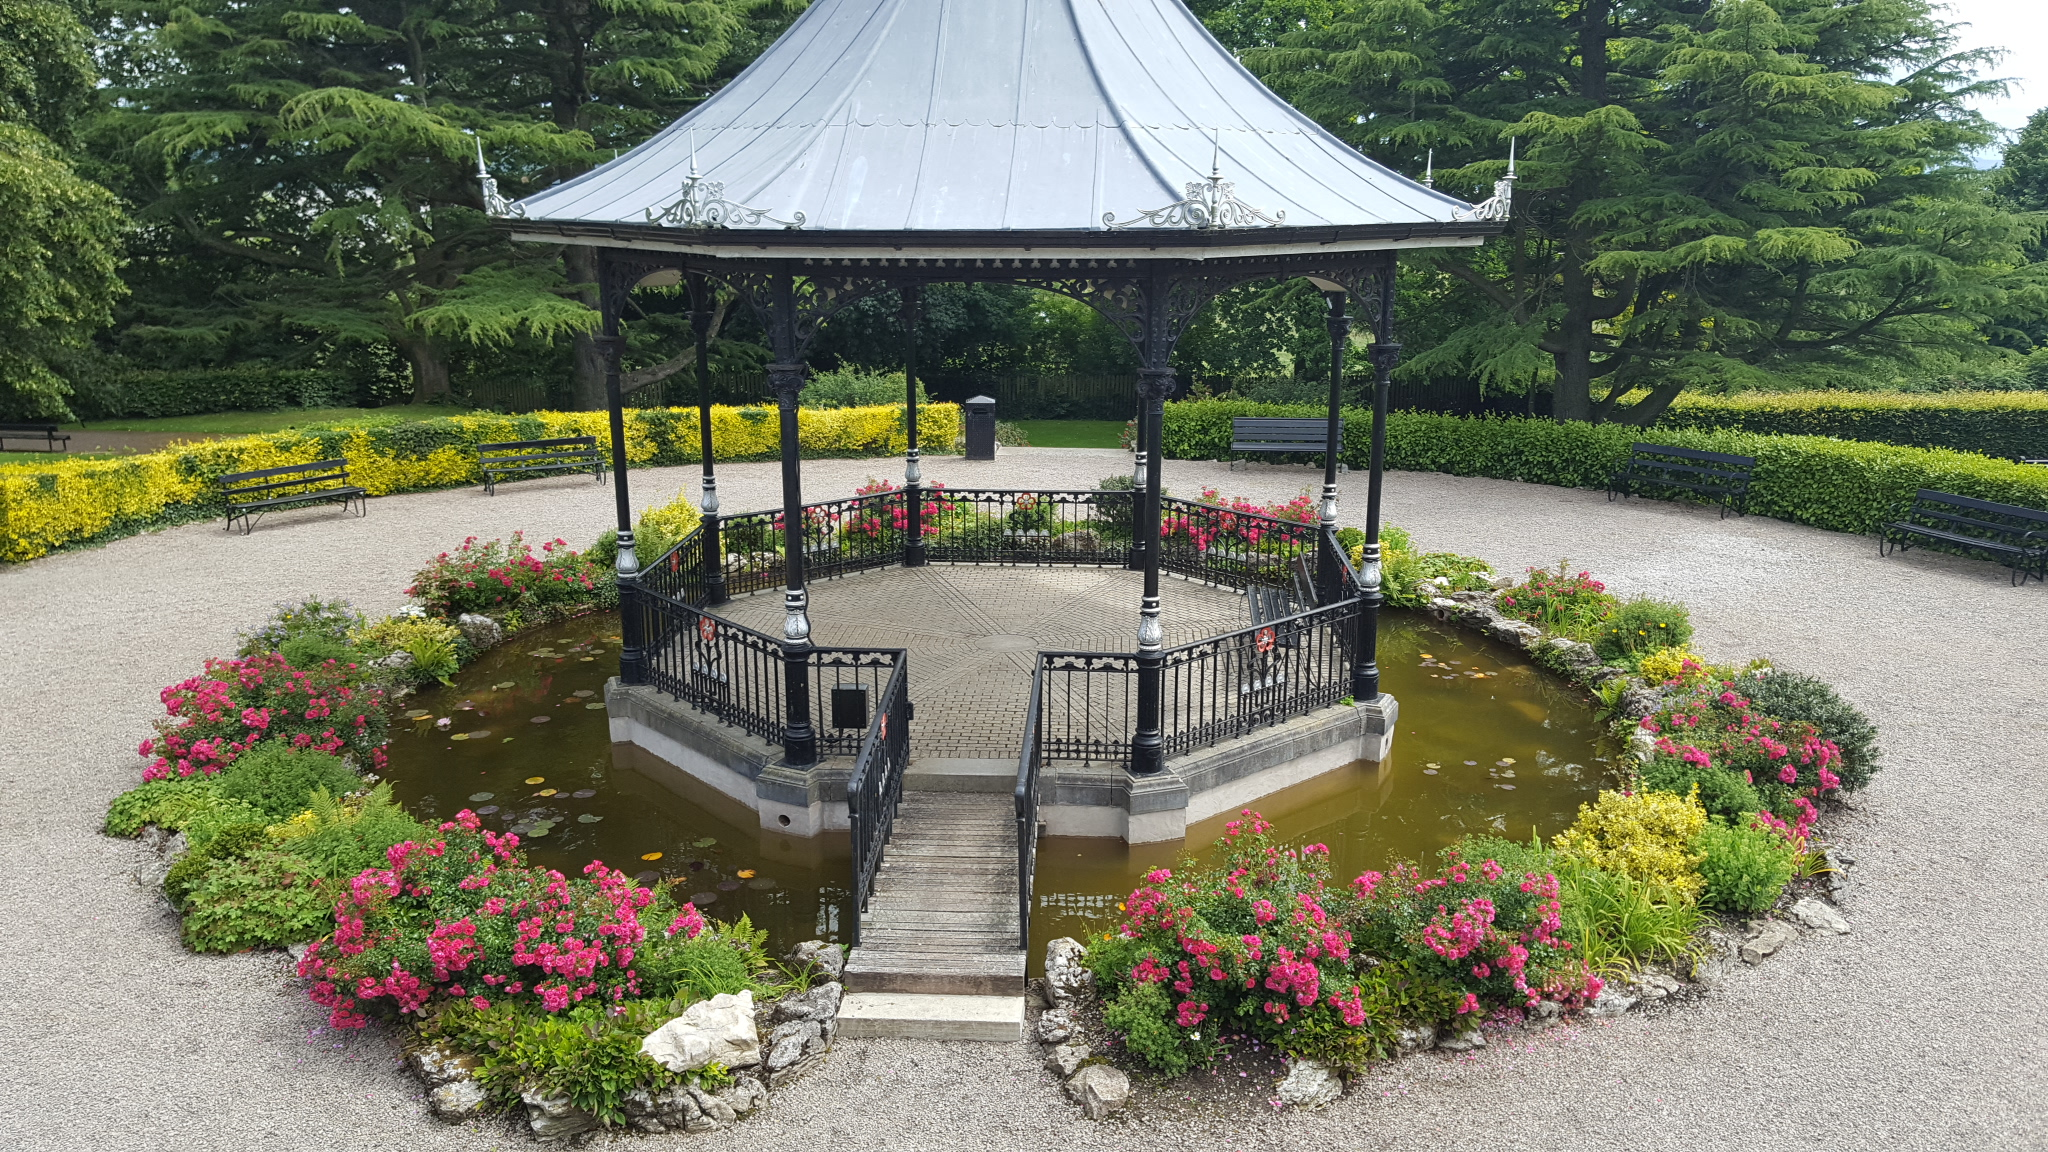 Grange bandstand